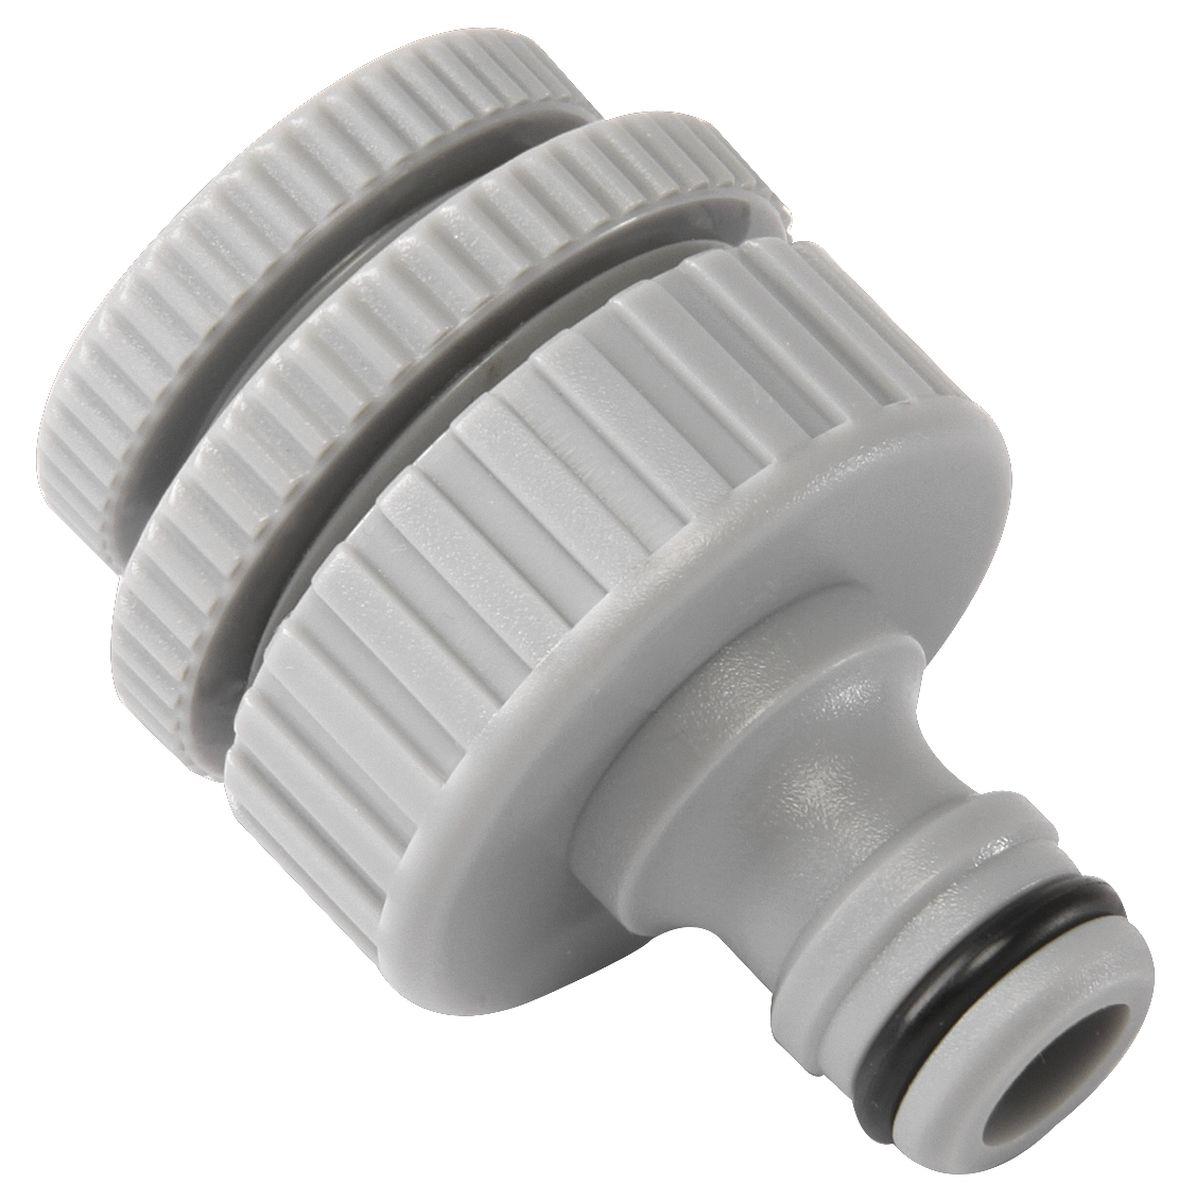 Штуцер резьбовой Green Apple, с переходниками, диаметр 12 мм - 19 мм - 25 ммGWTA50-056Резьбовой штуцер Green Apple изготовлен из высококачественного прочного ABS-пластика. Штуцер предназначен для соединения шлангов и насадок с кранами, имеющими внешнюю резьбу. В комплекте - 2 переходника разного диаметра. Диаметр: 1/2, 3/4, 1.